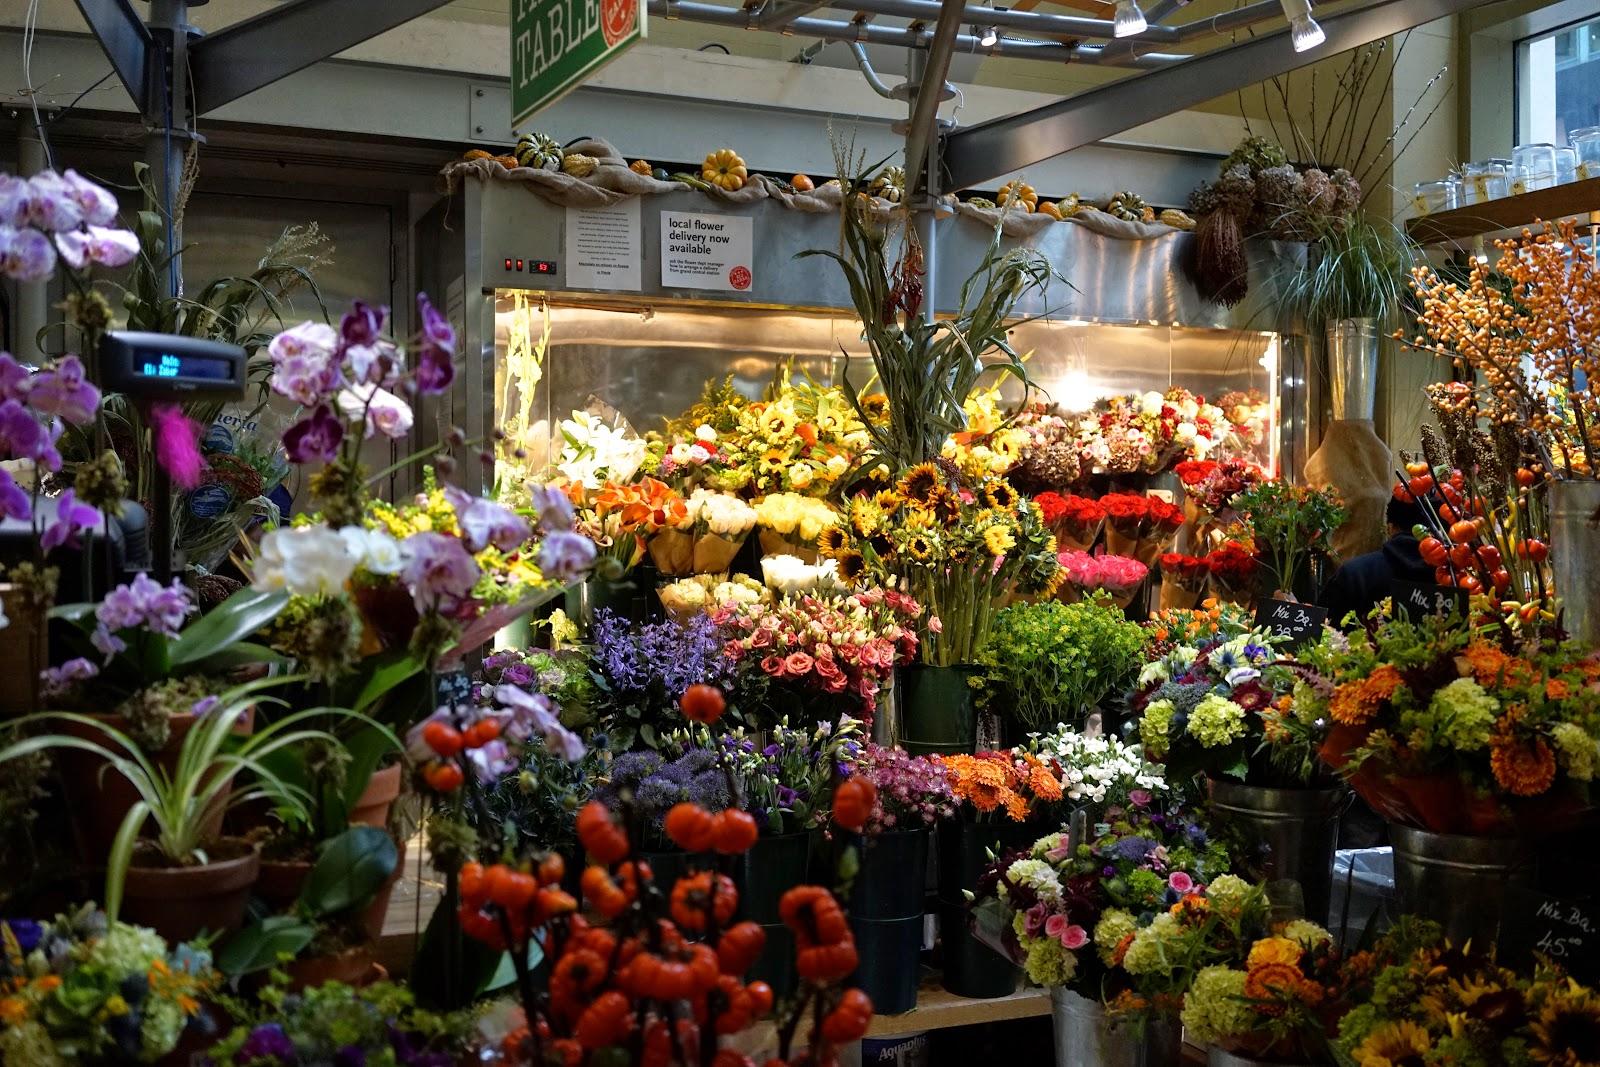 central station market